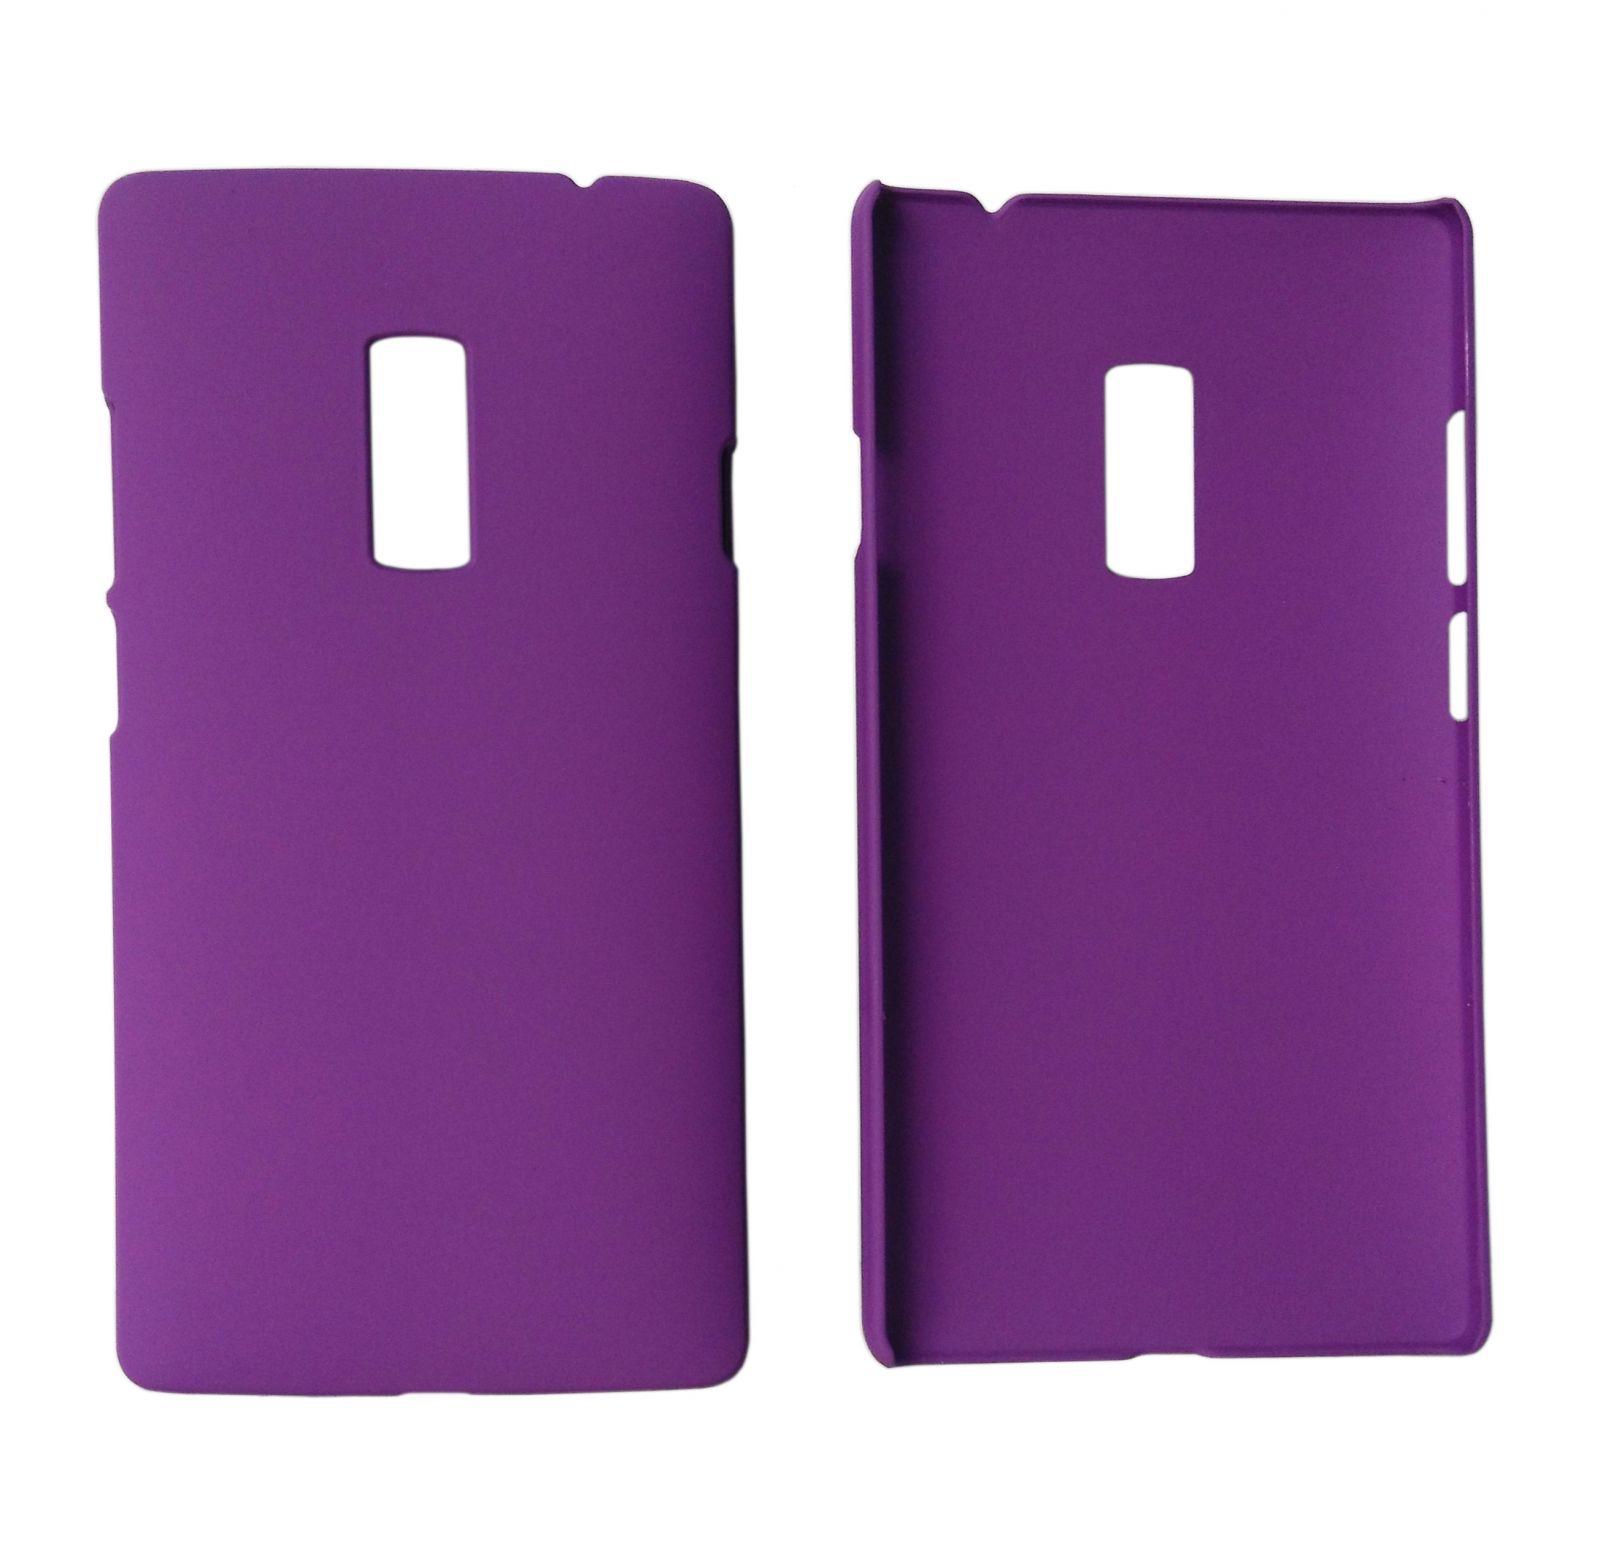 Pouzdro na Nokia C6-01 - ochranný kryt - fialové GreenGo